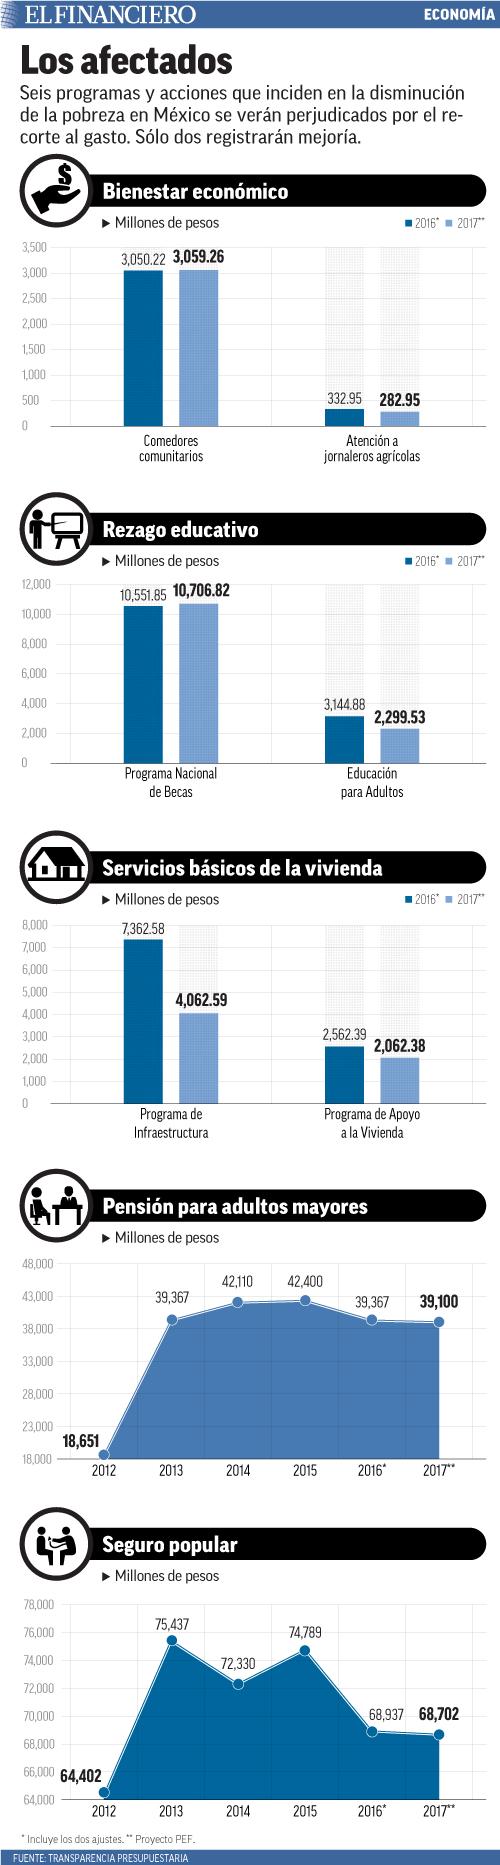 Seis programas y acciones que inciden en la disminución de la pobreza en México se verán perjudicados por el recorte al gasto. Sólo dos registrarán mejoría.